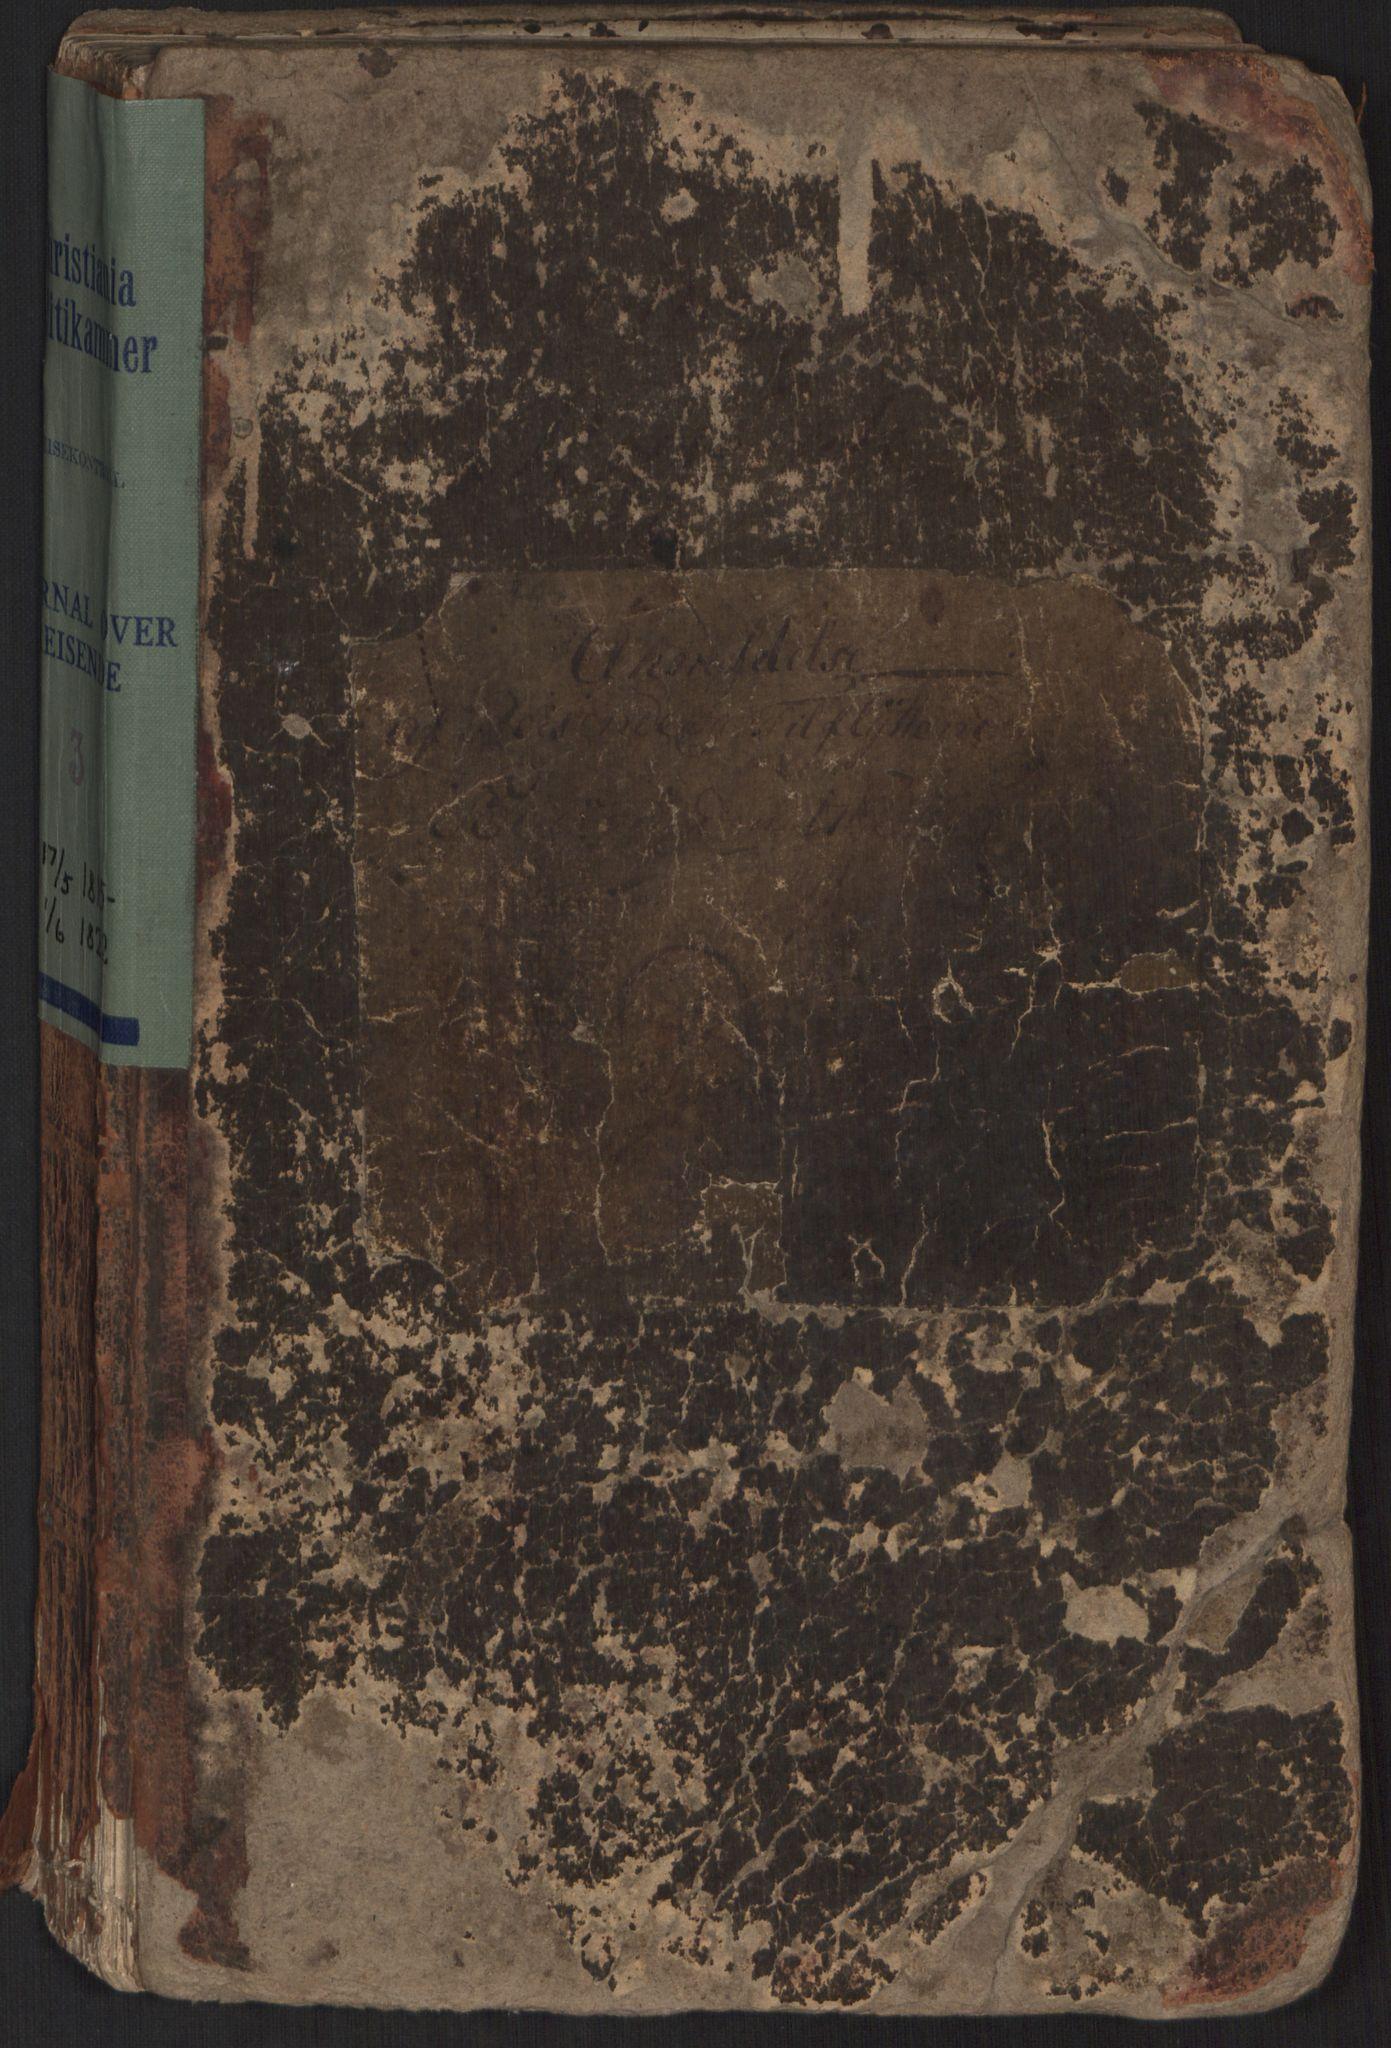 SAO, Oslo politidistrikt, E/Ee/Eei/L0003: Journal over ankomne og anmeldte reisende, 1815-1822